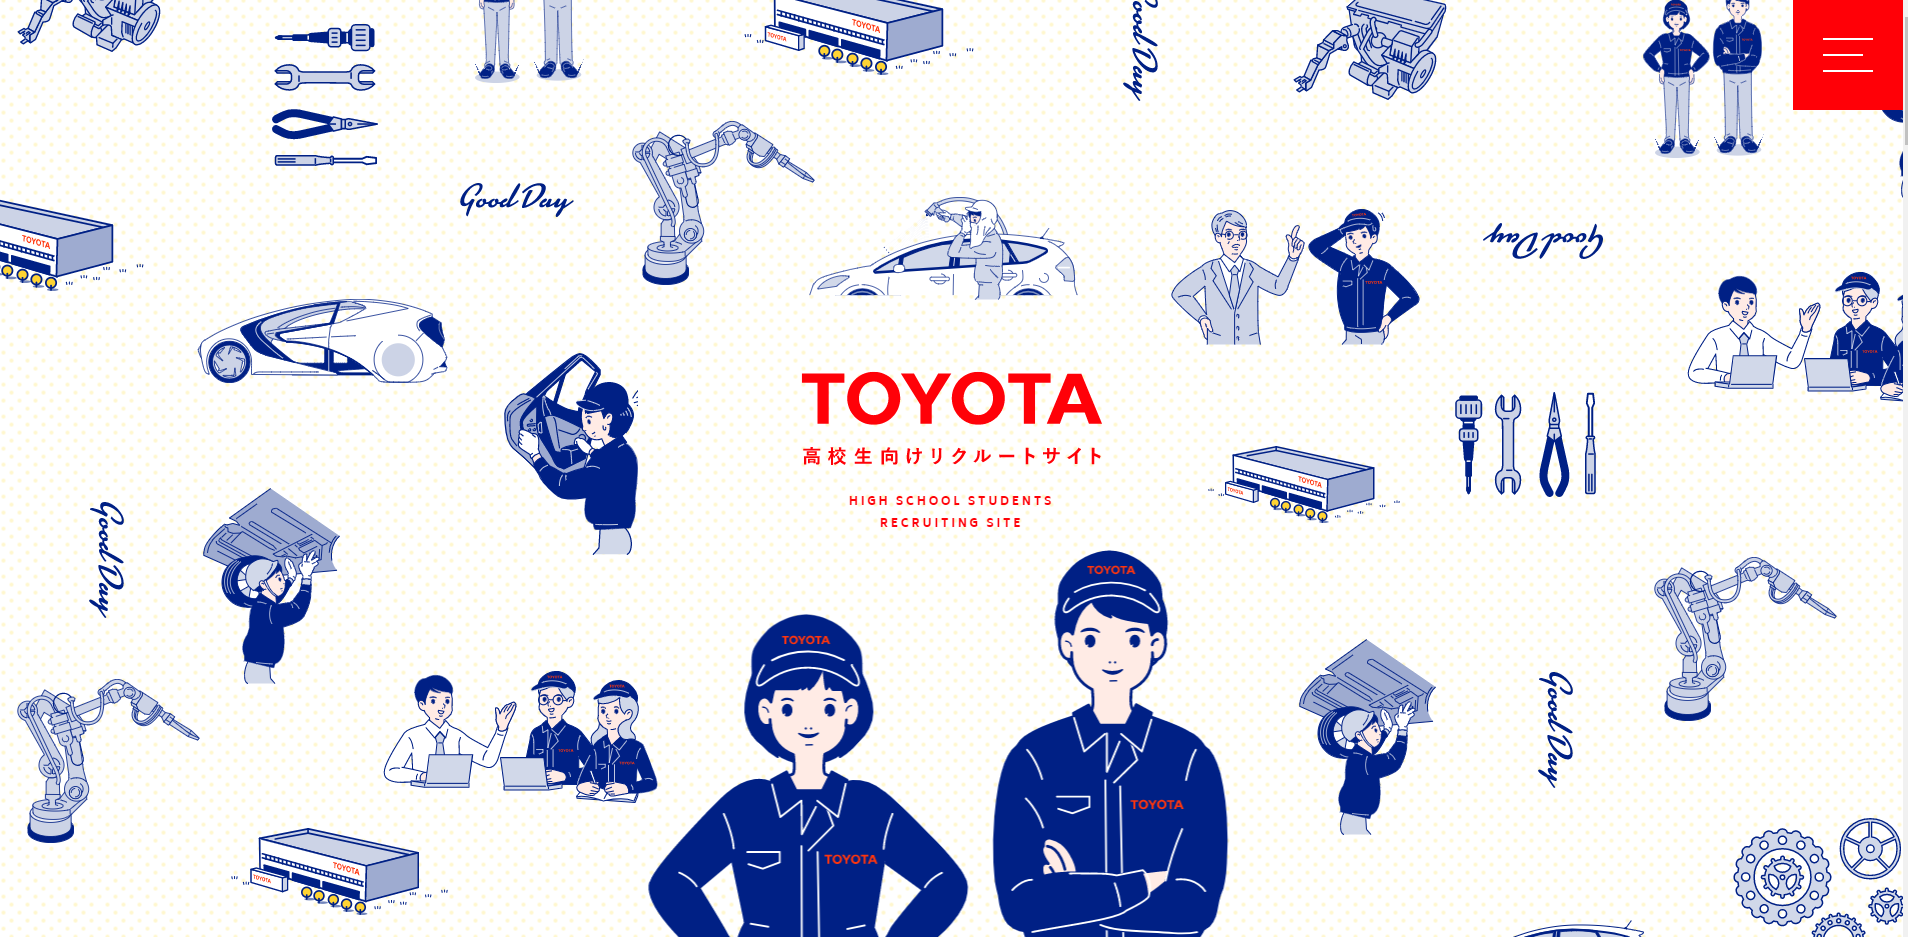 トヨタ(高校生向け)